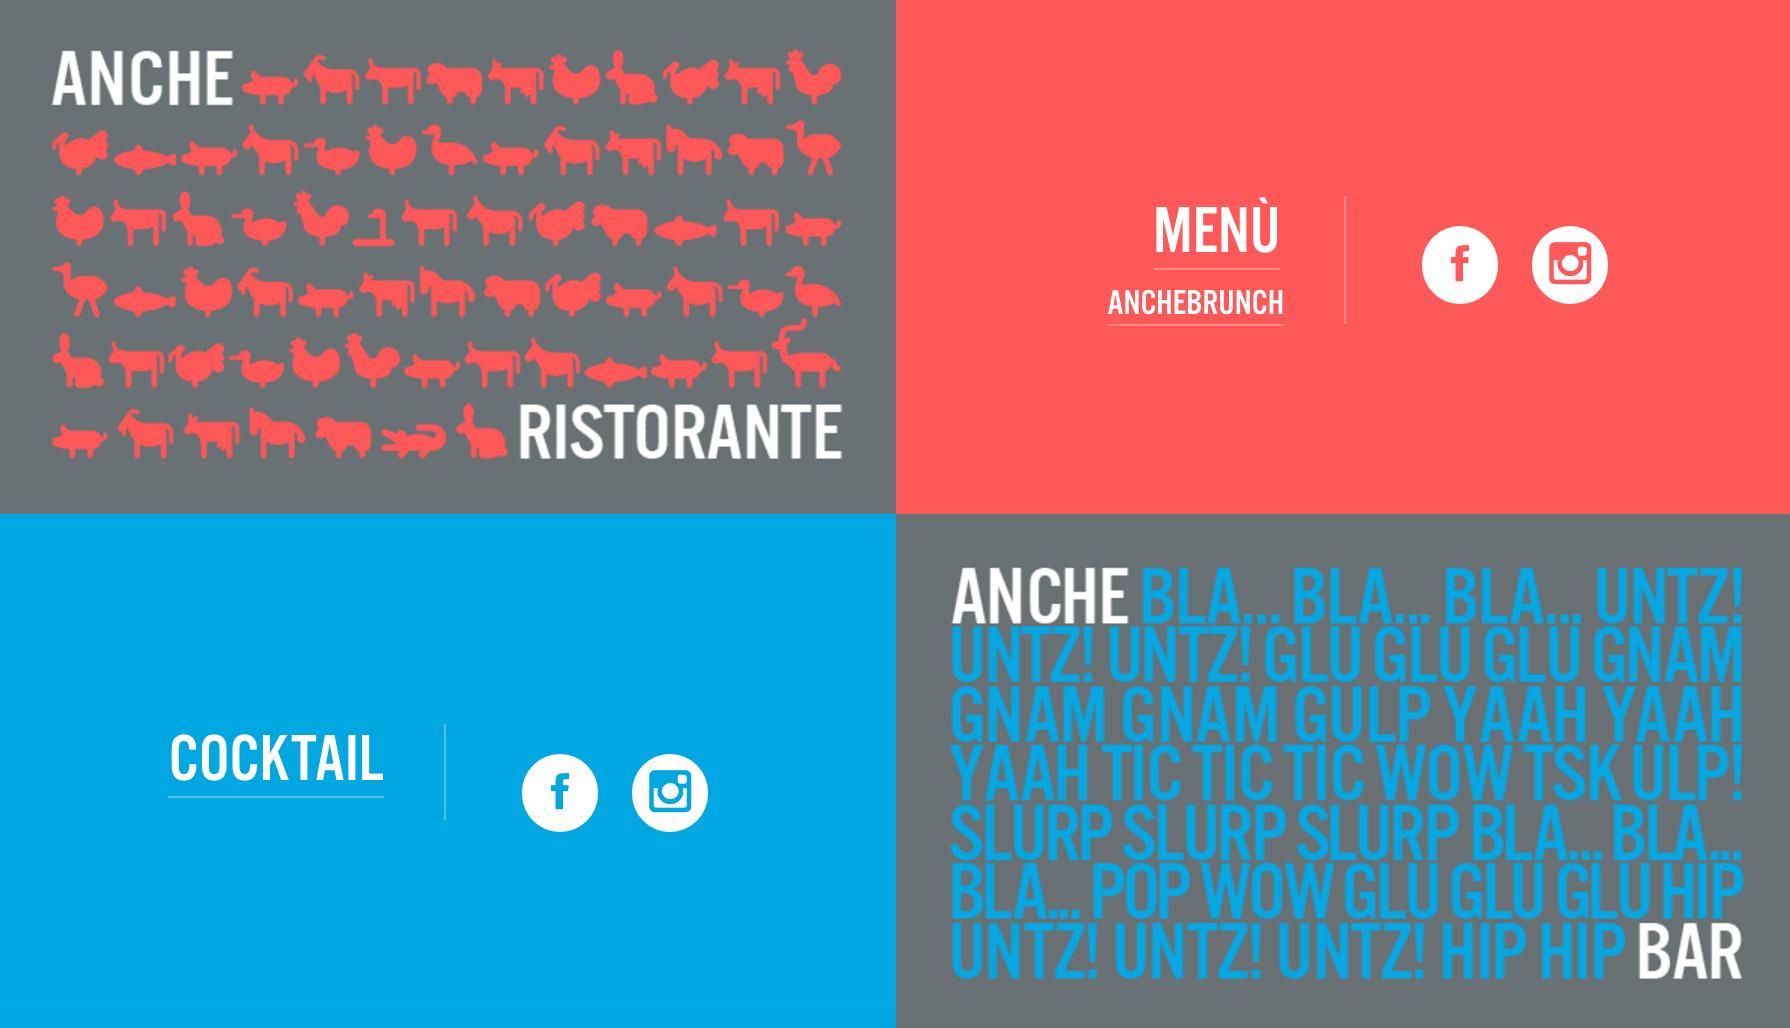 anche-ristorante-milano-dove-mangiare